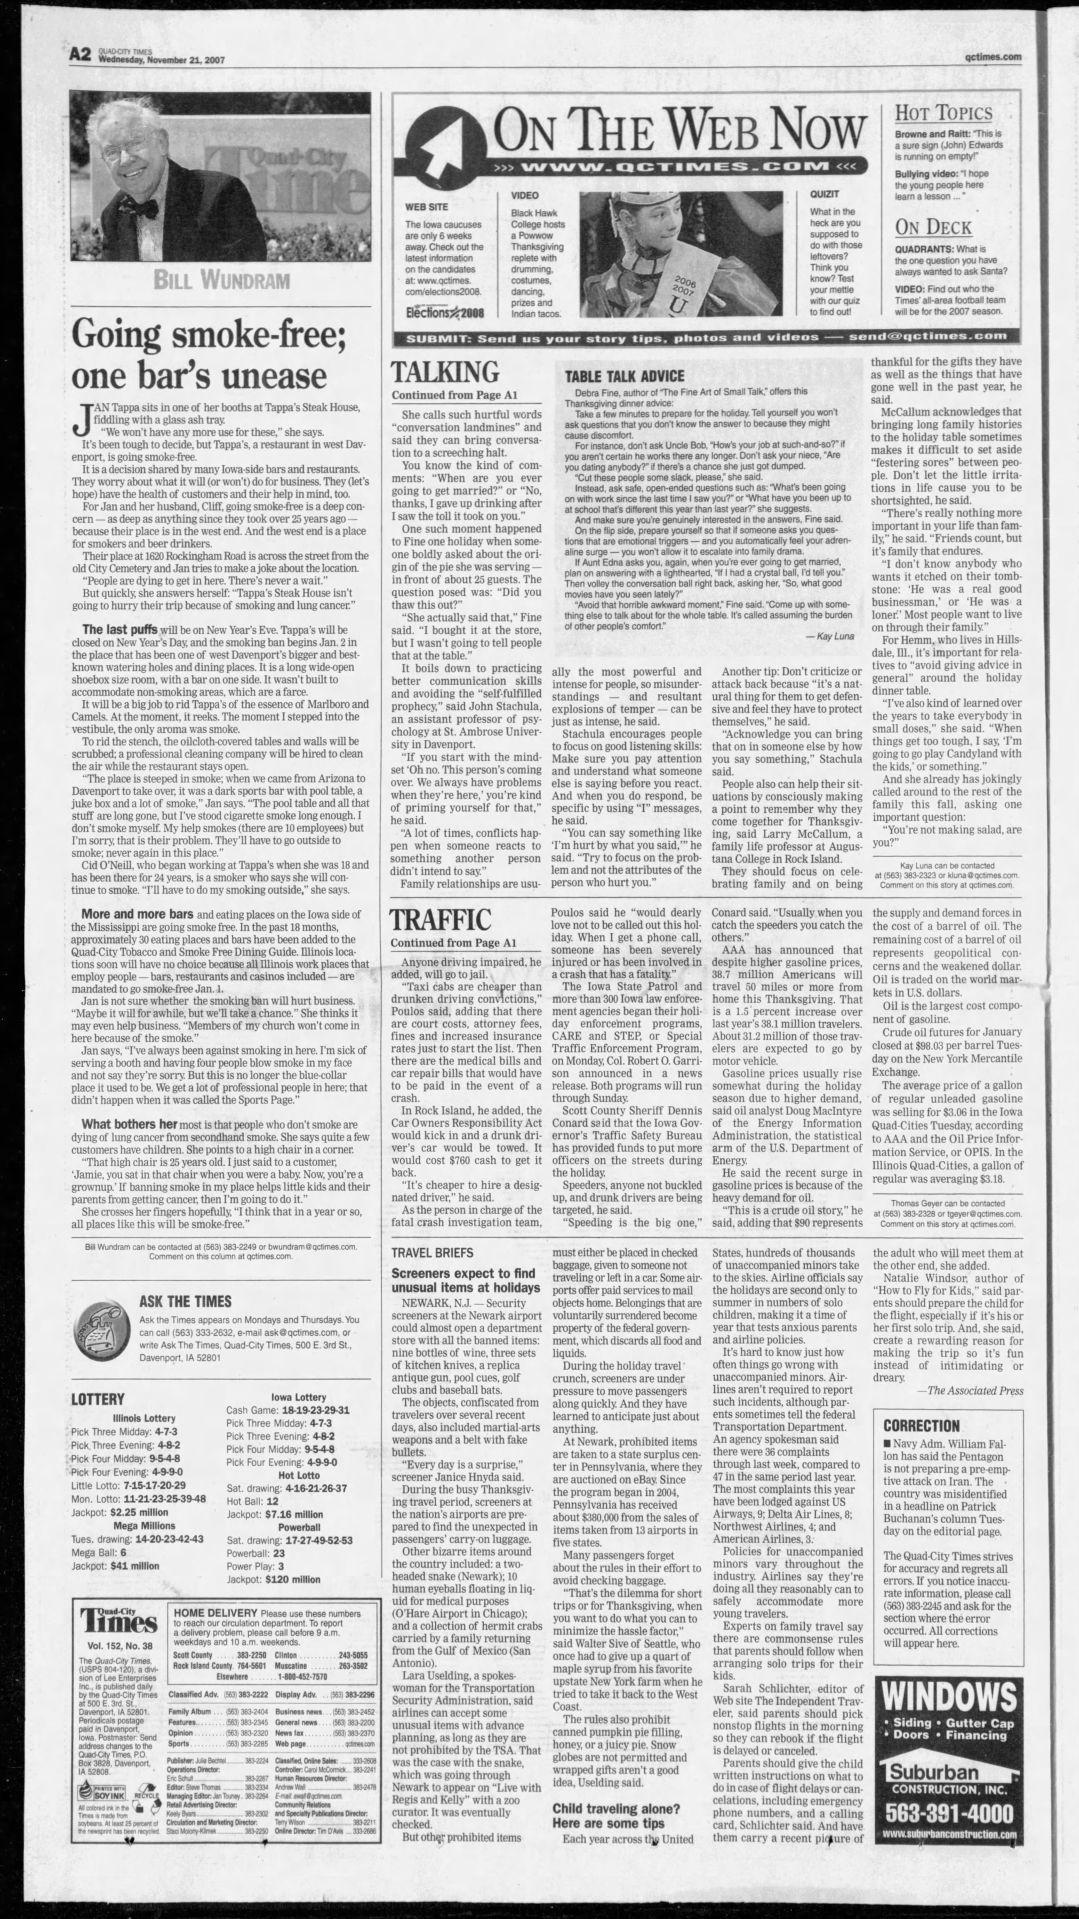 Nov. 21, 2007 page A2